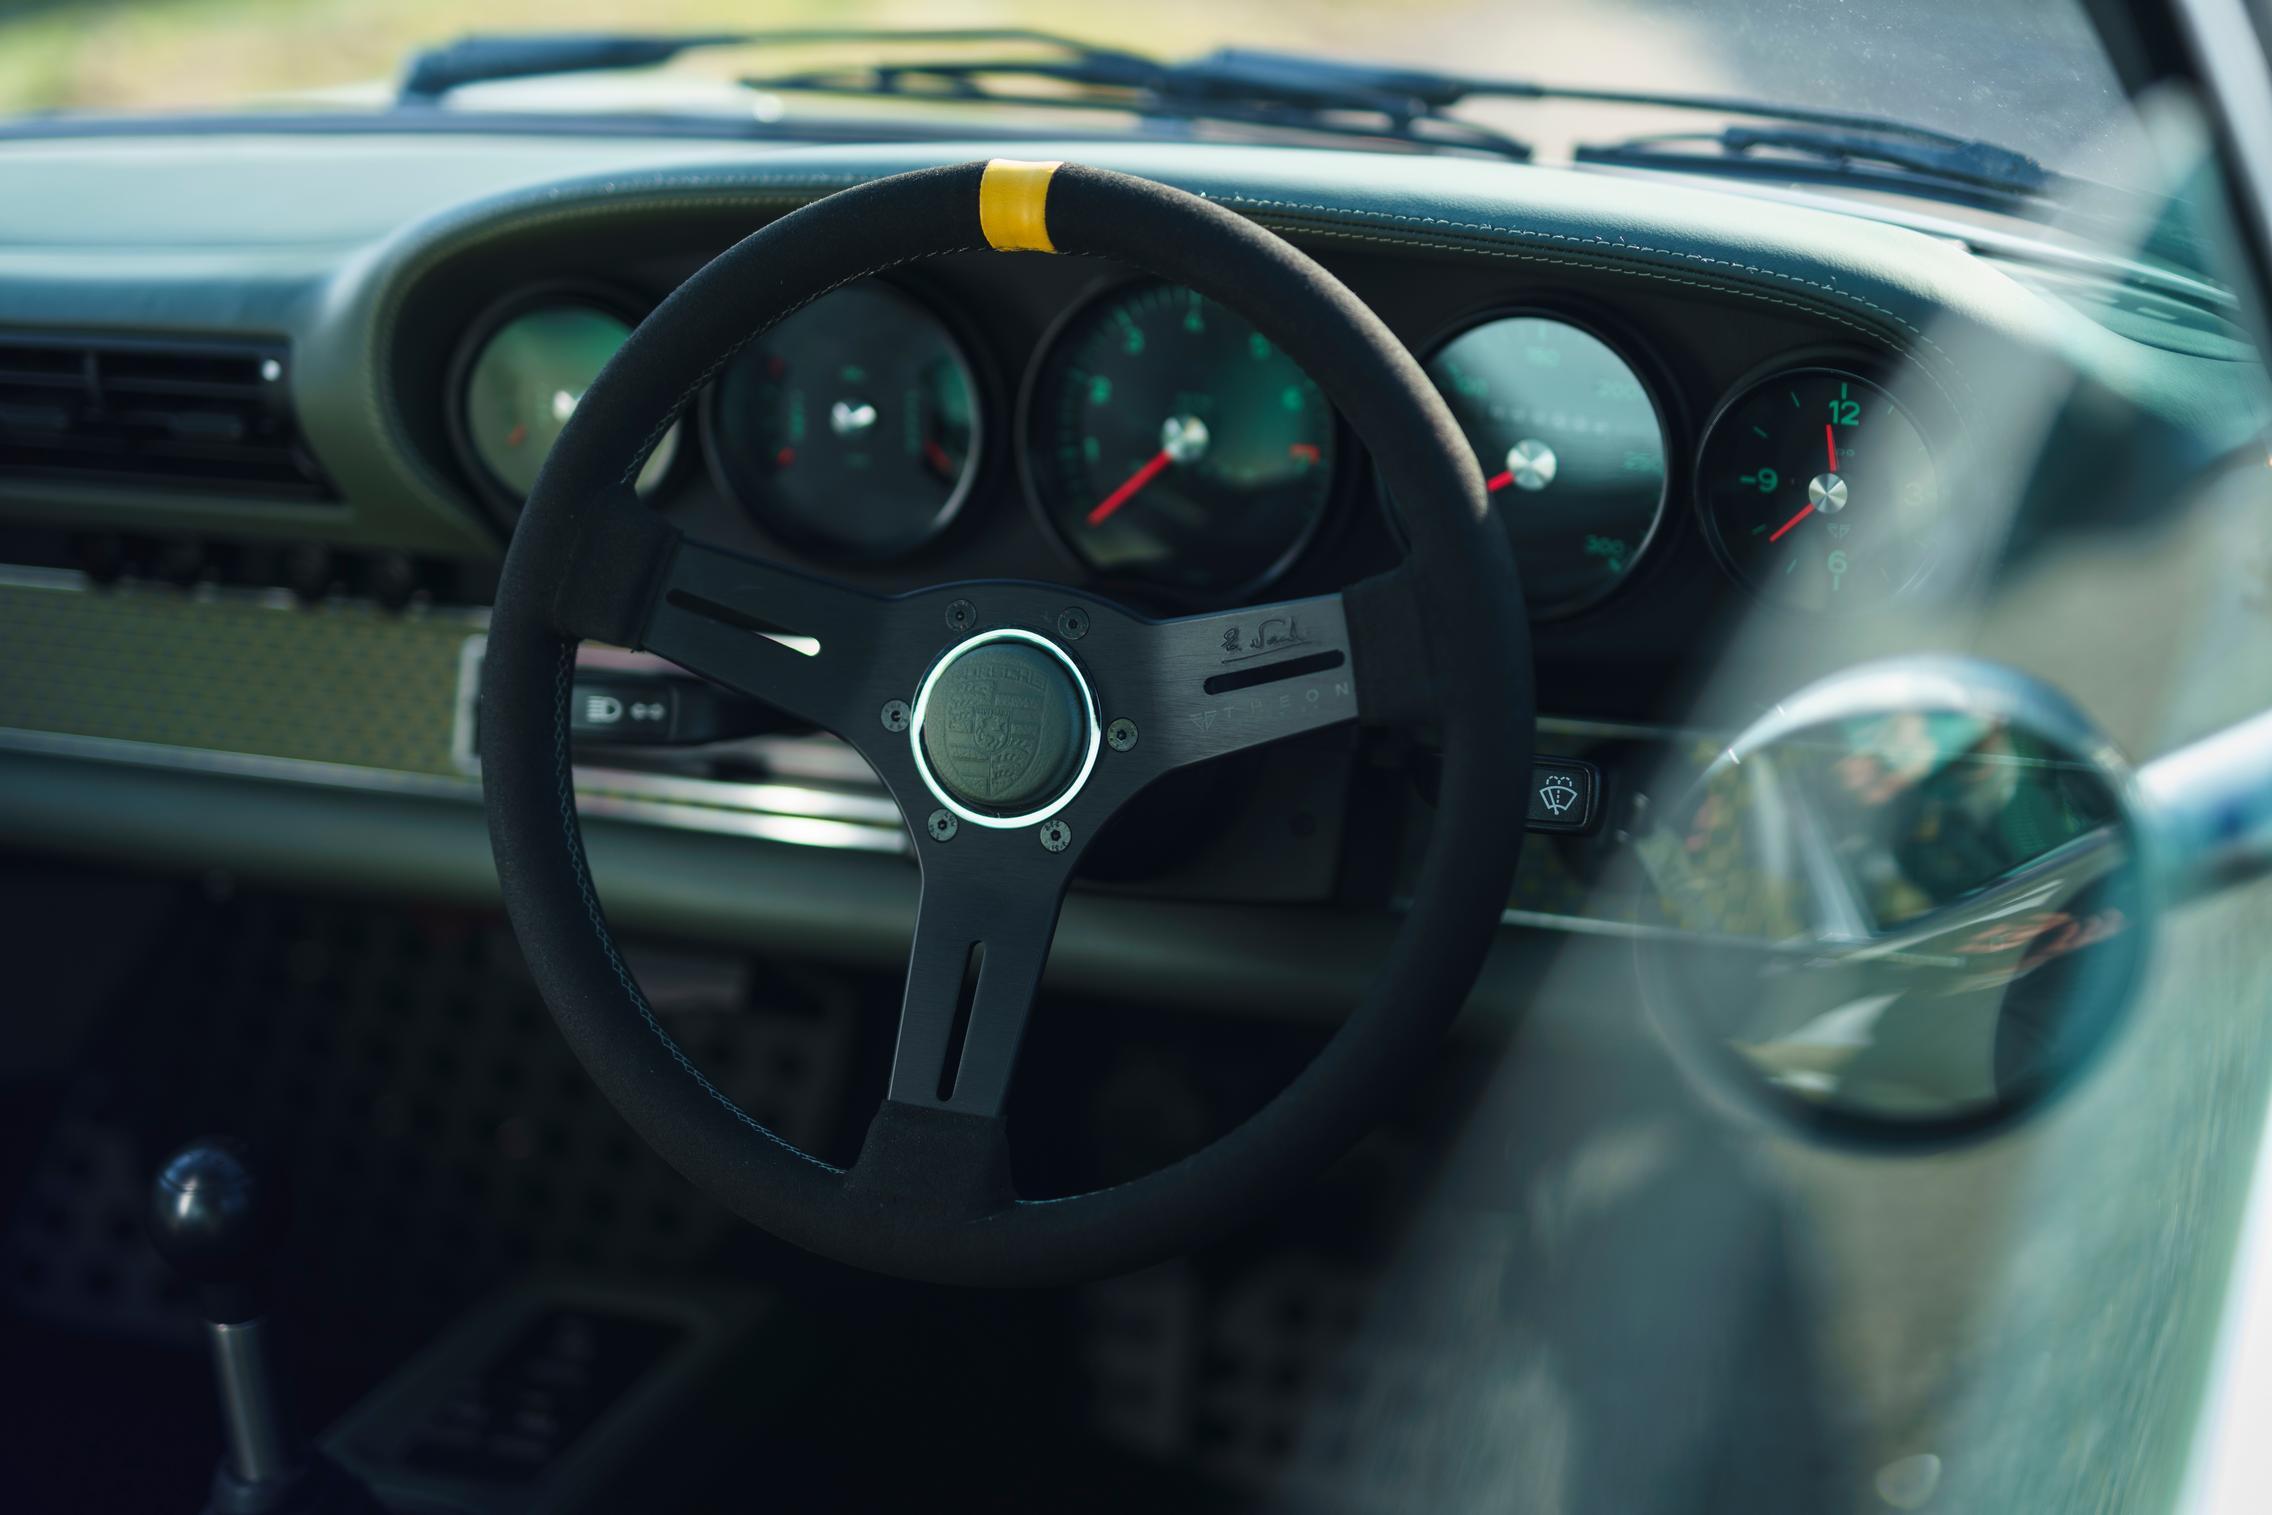 Porsche 964 steering wheel